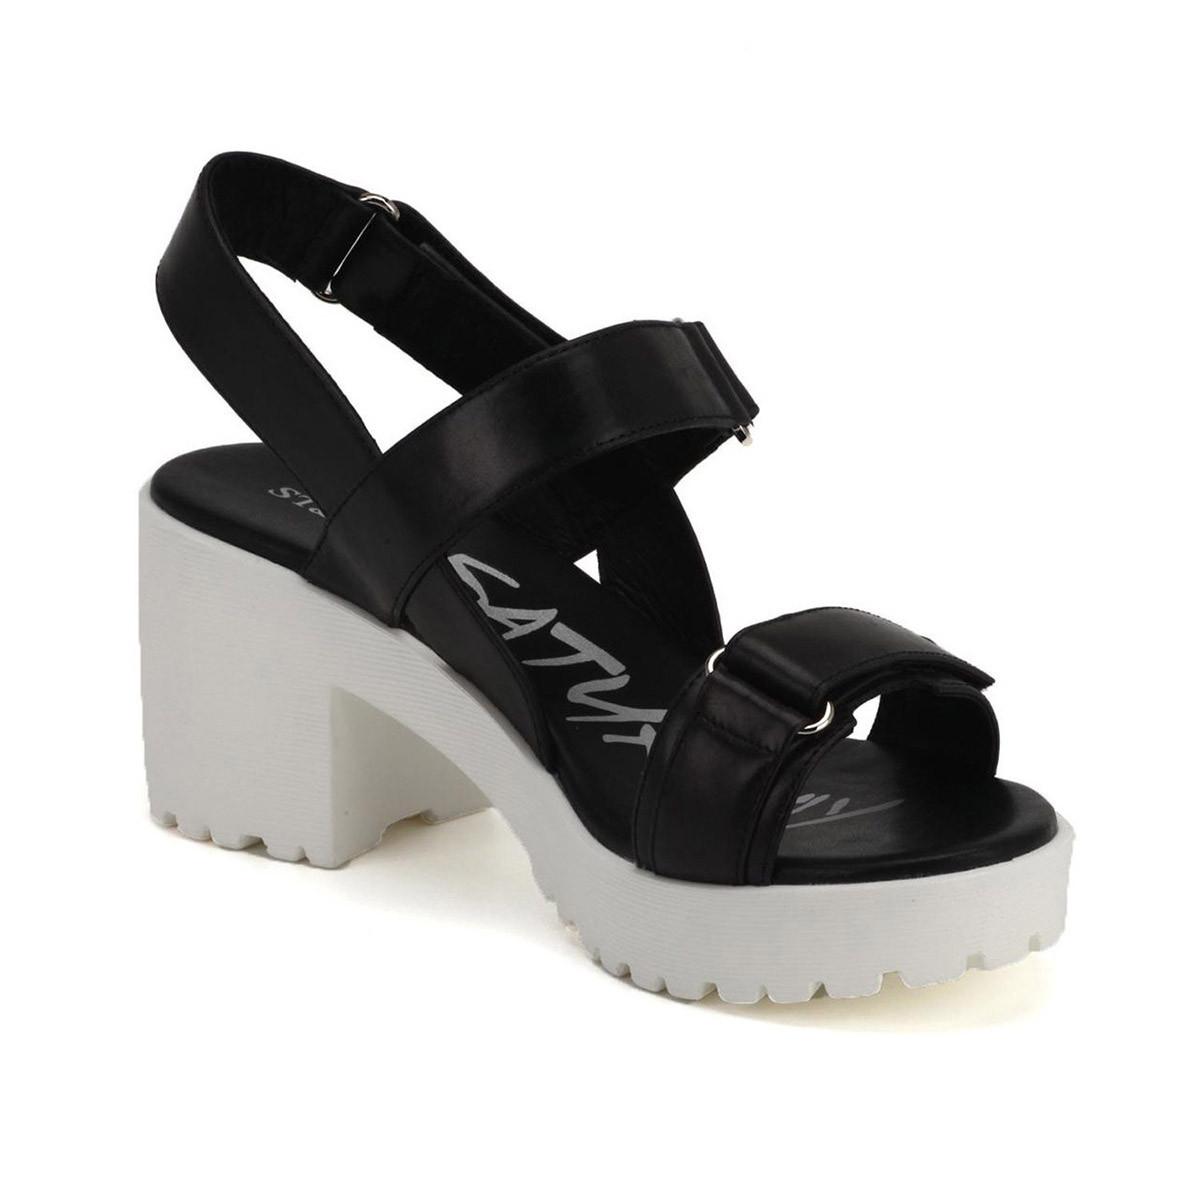 黑色牛皮休闲凉鞋